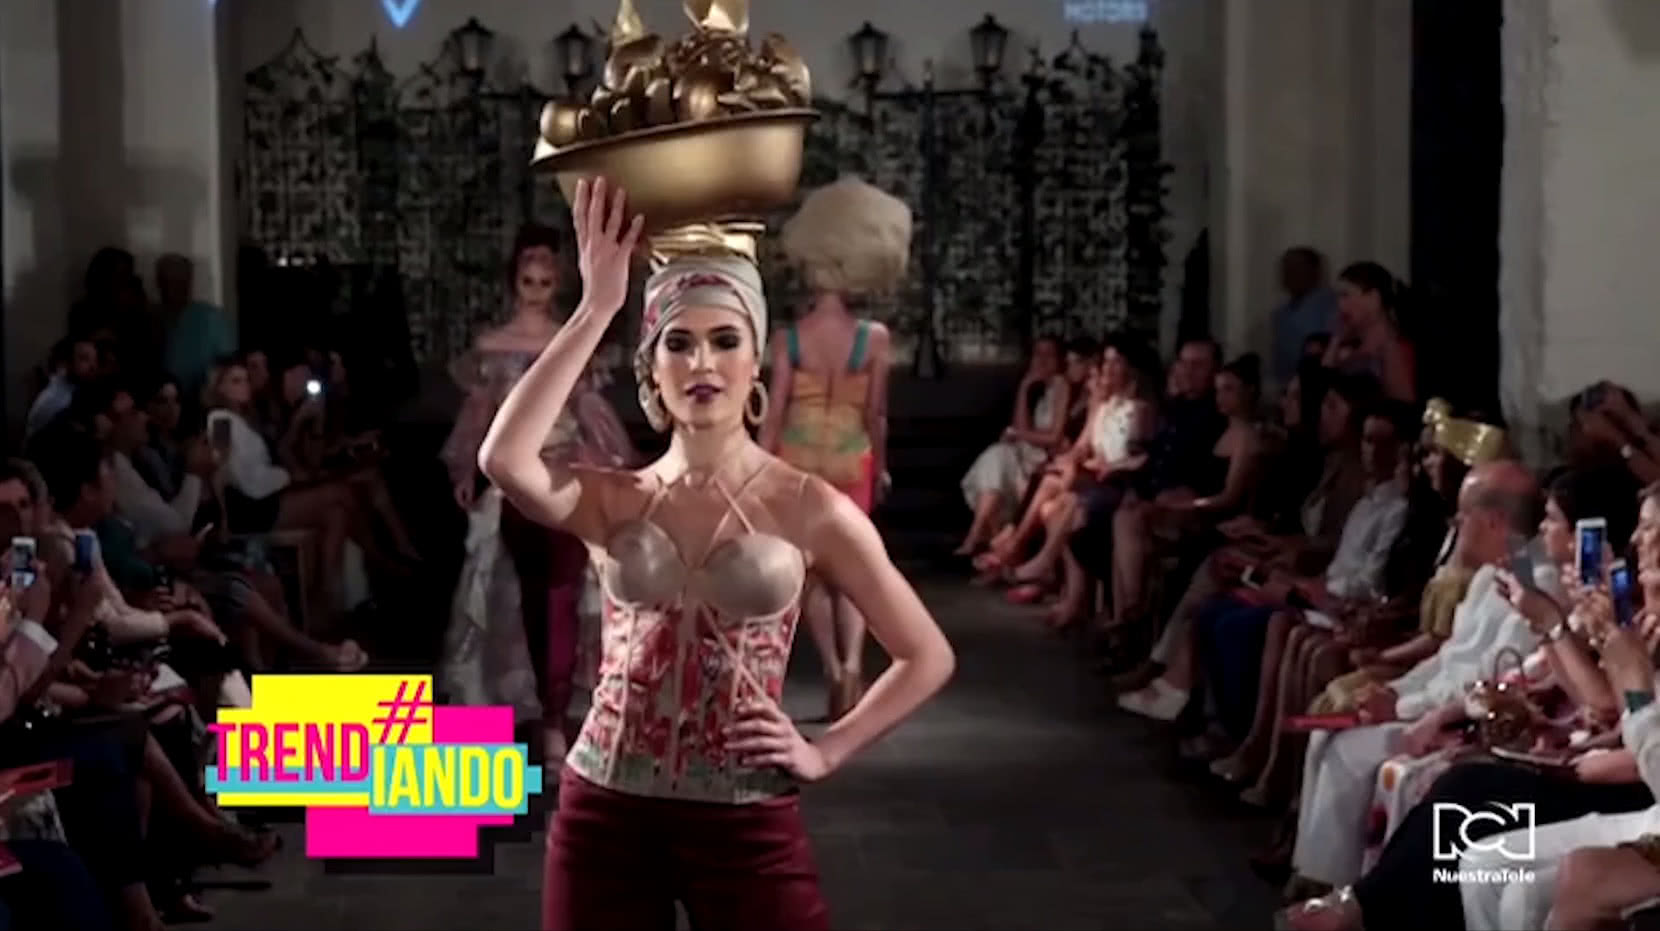 La moda se toma a Colombia del 10 al 12 de octubre con el Ixel Moda 2019